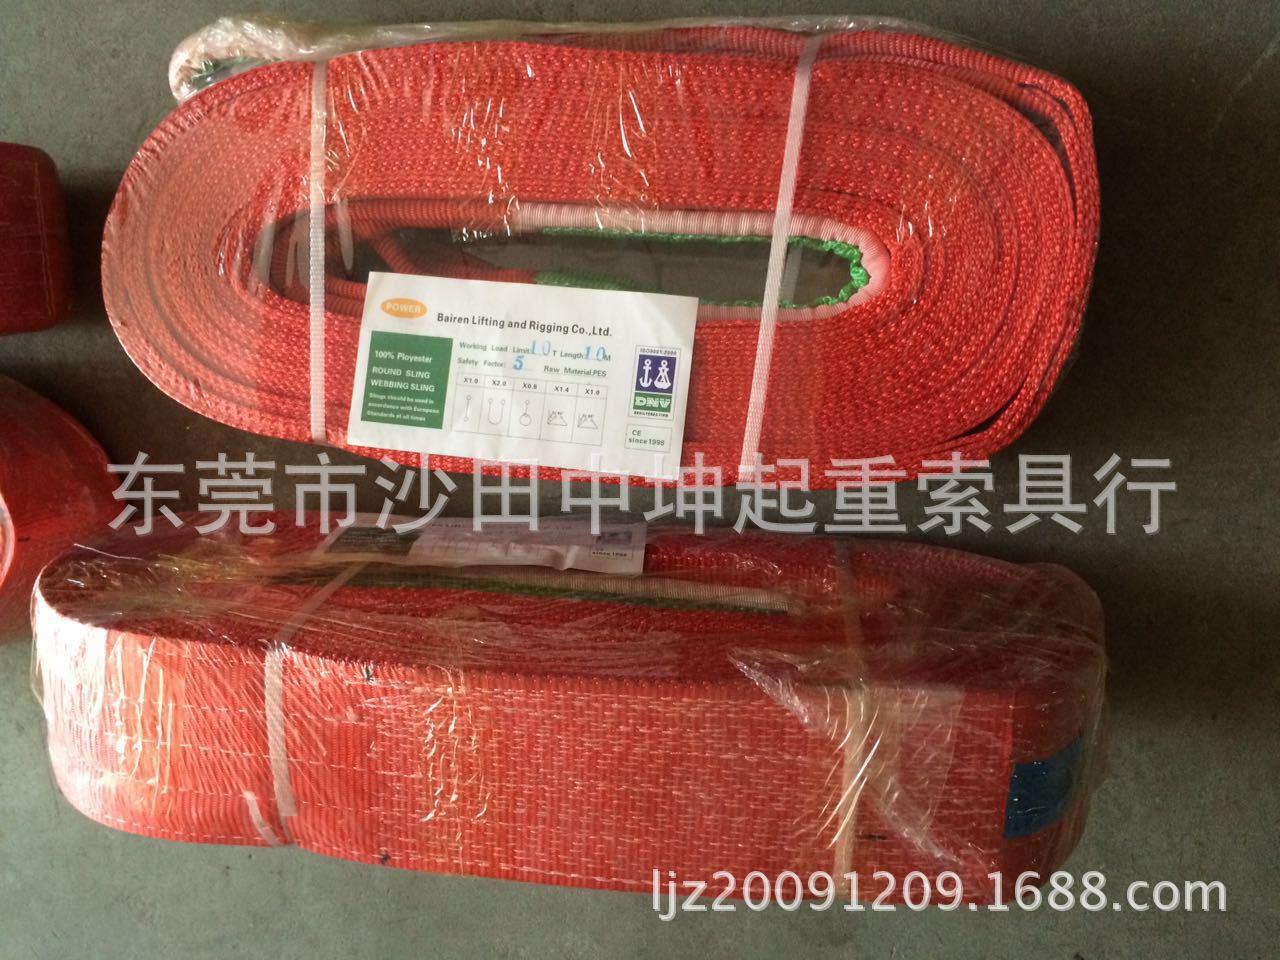 厂家直销起重吊带10T6M彩色4层起重扁平吊带10T6M涤纶吊装带10T6M